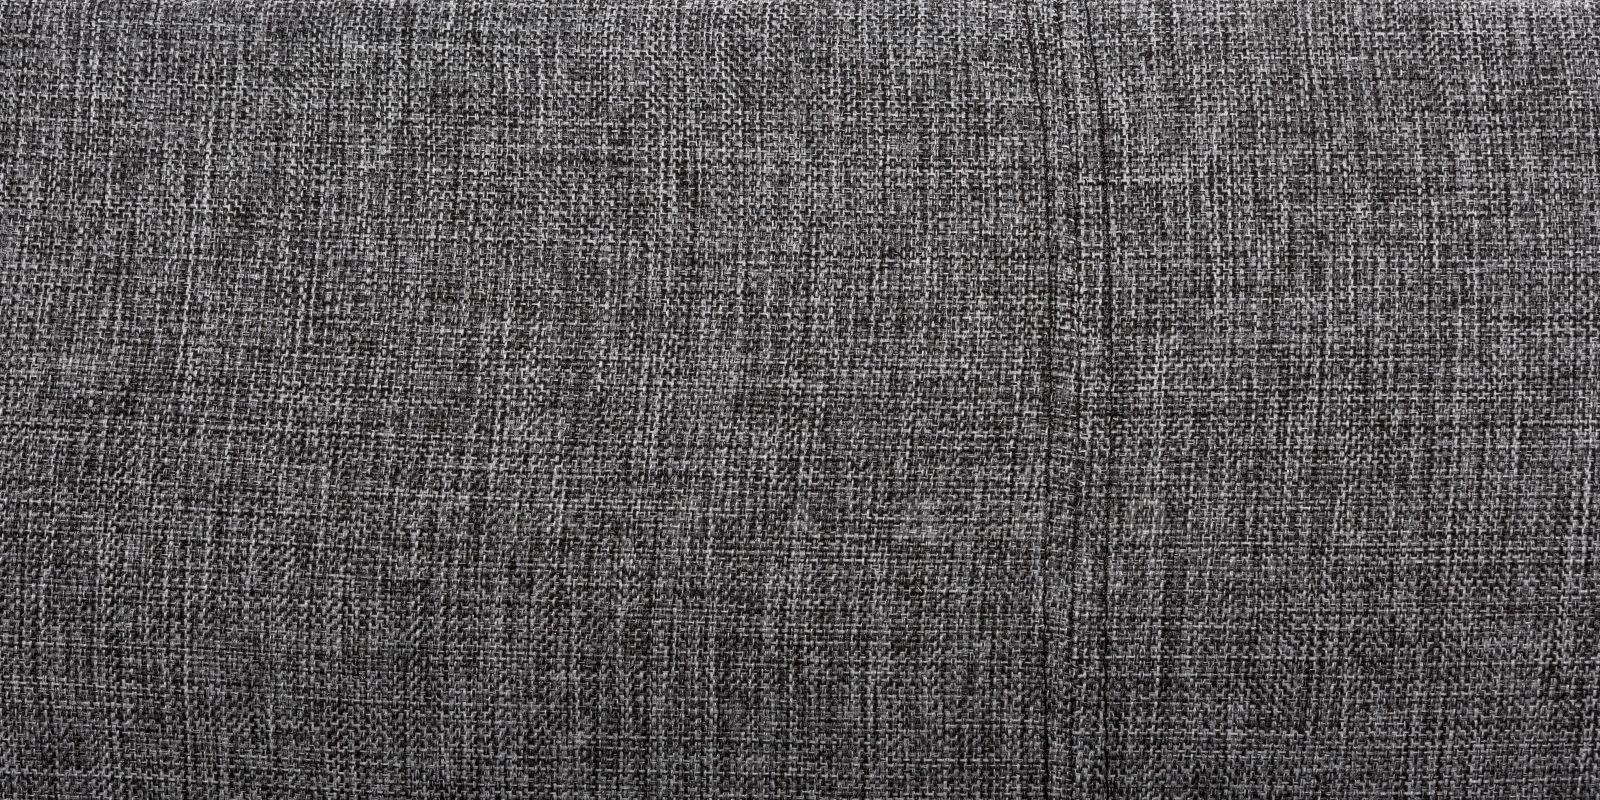 Мягкая кровать Афина 160см рогожка серого цвета фото 8 | интернет-магазин Складно